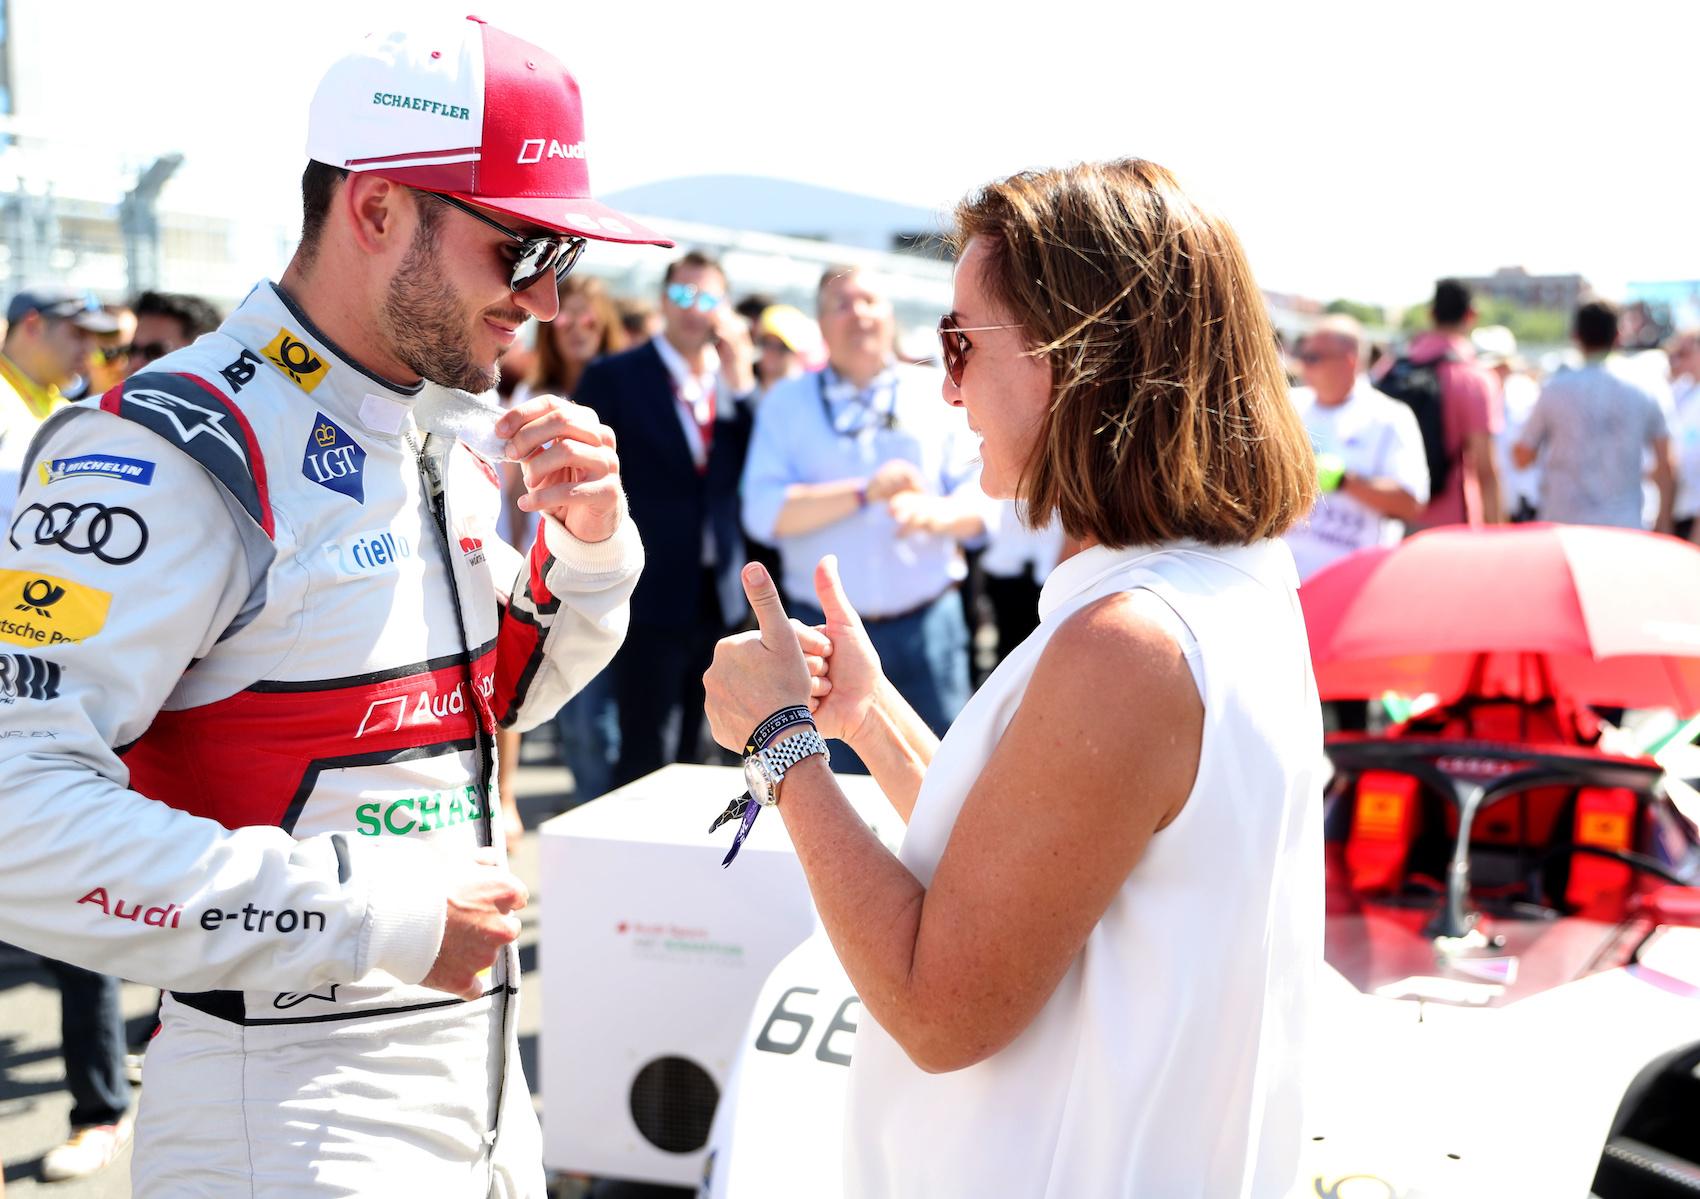 Formel E als Emotionalisierungsmotor: Pilot Daniel Abt und Hildegard Wortmann am Rande des E-Prix in New York City 2019. (AUDI)